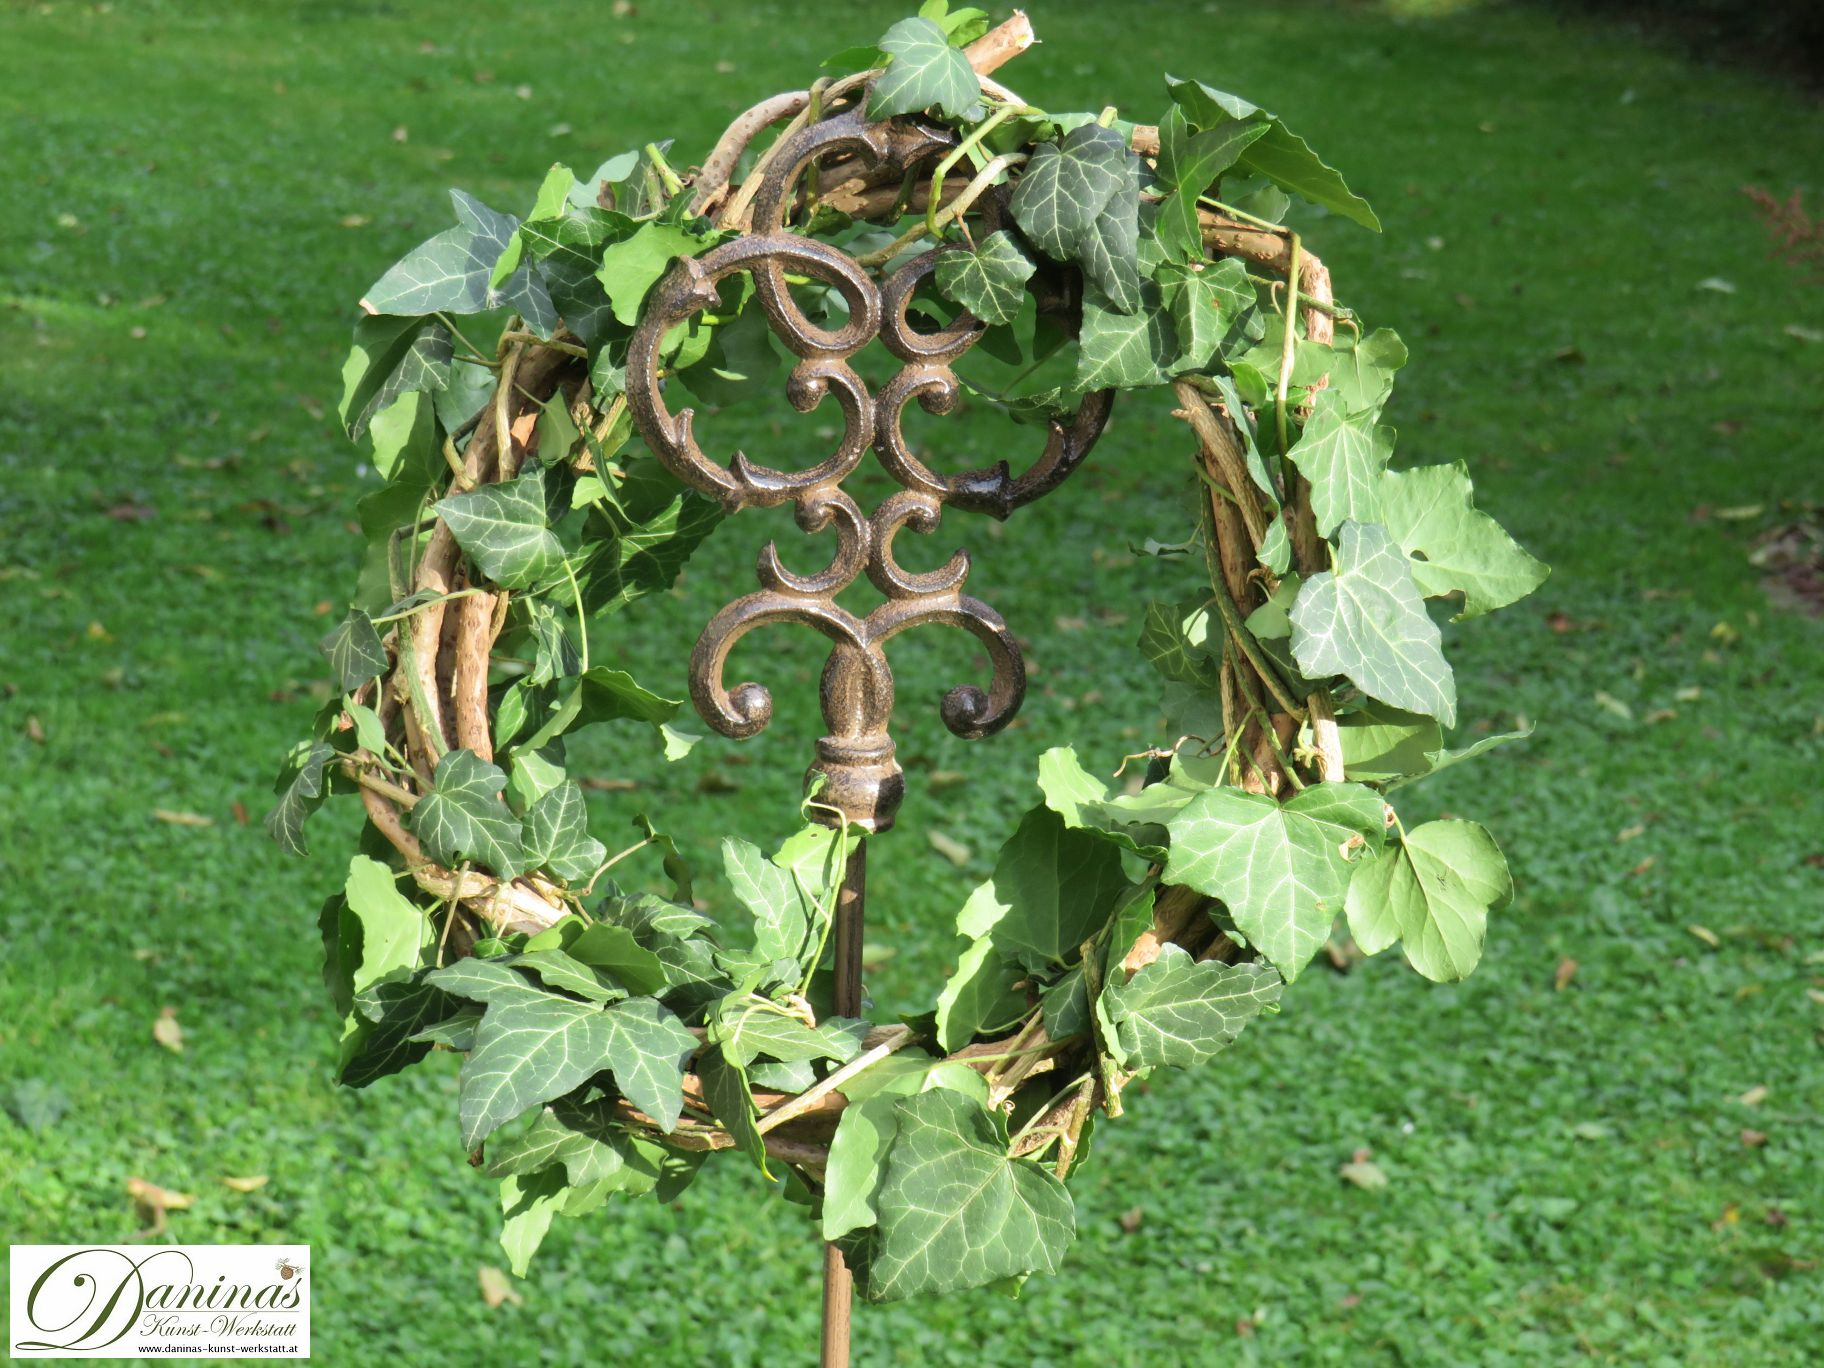 Herbstdeko für den Garten: Rebenkranz binden mit Efeuranken